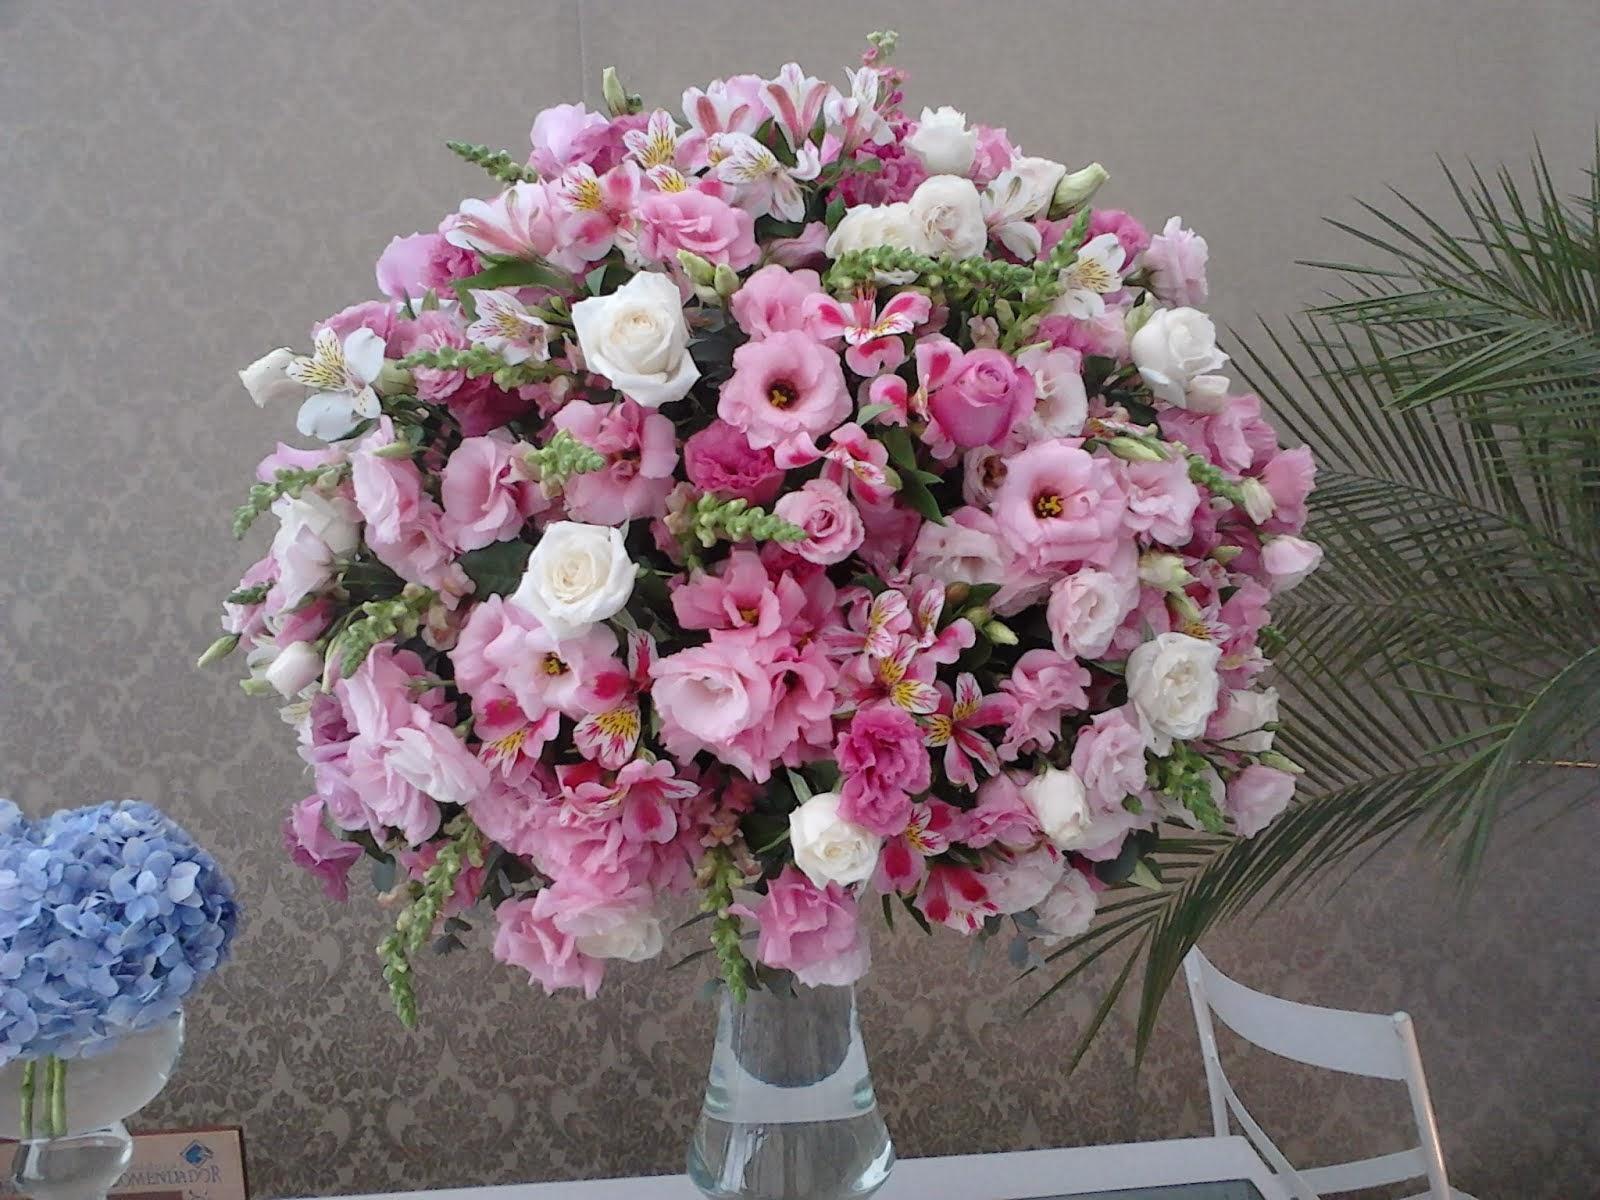 Arranjo floral em tons de rosa